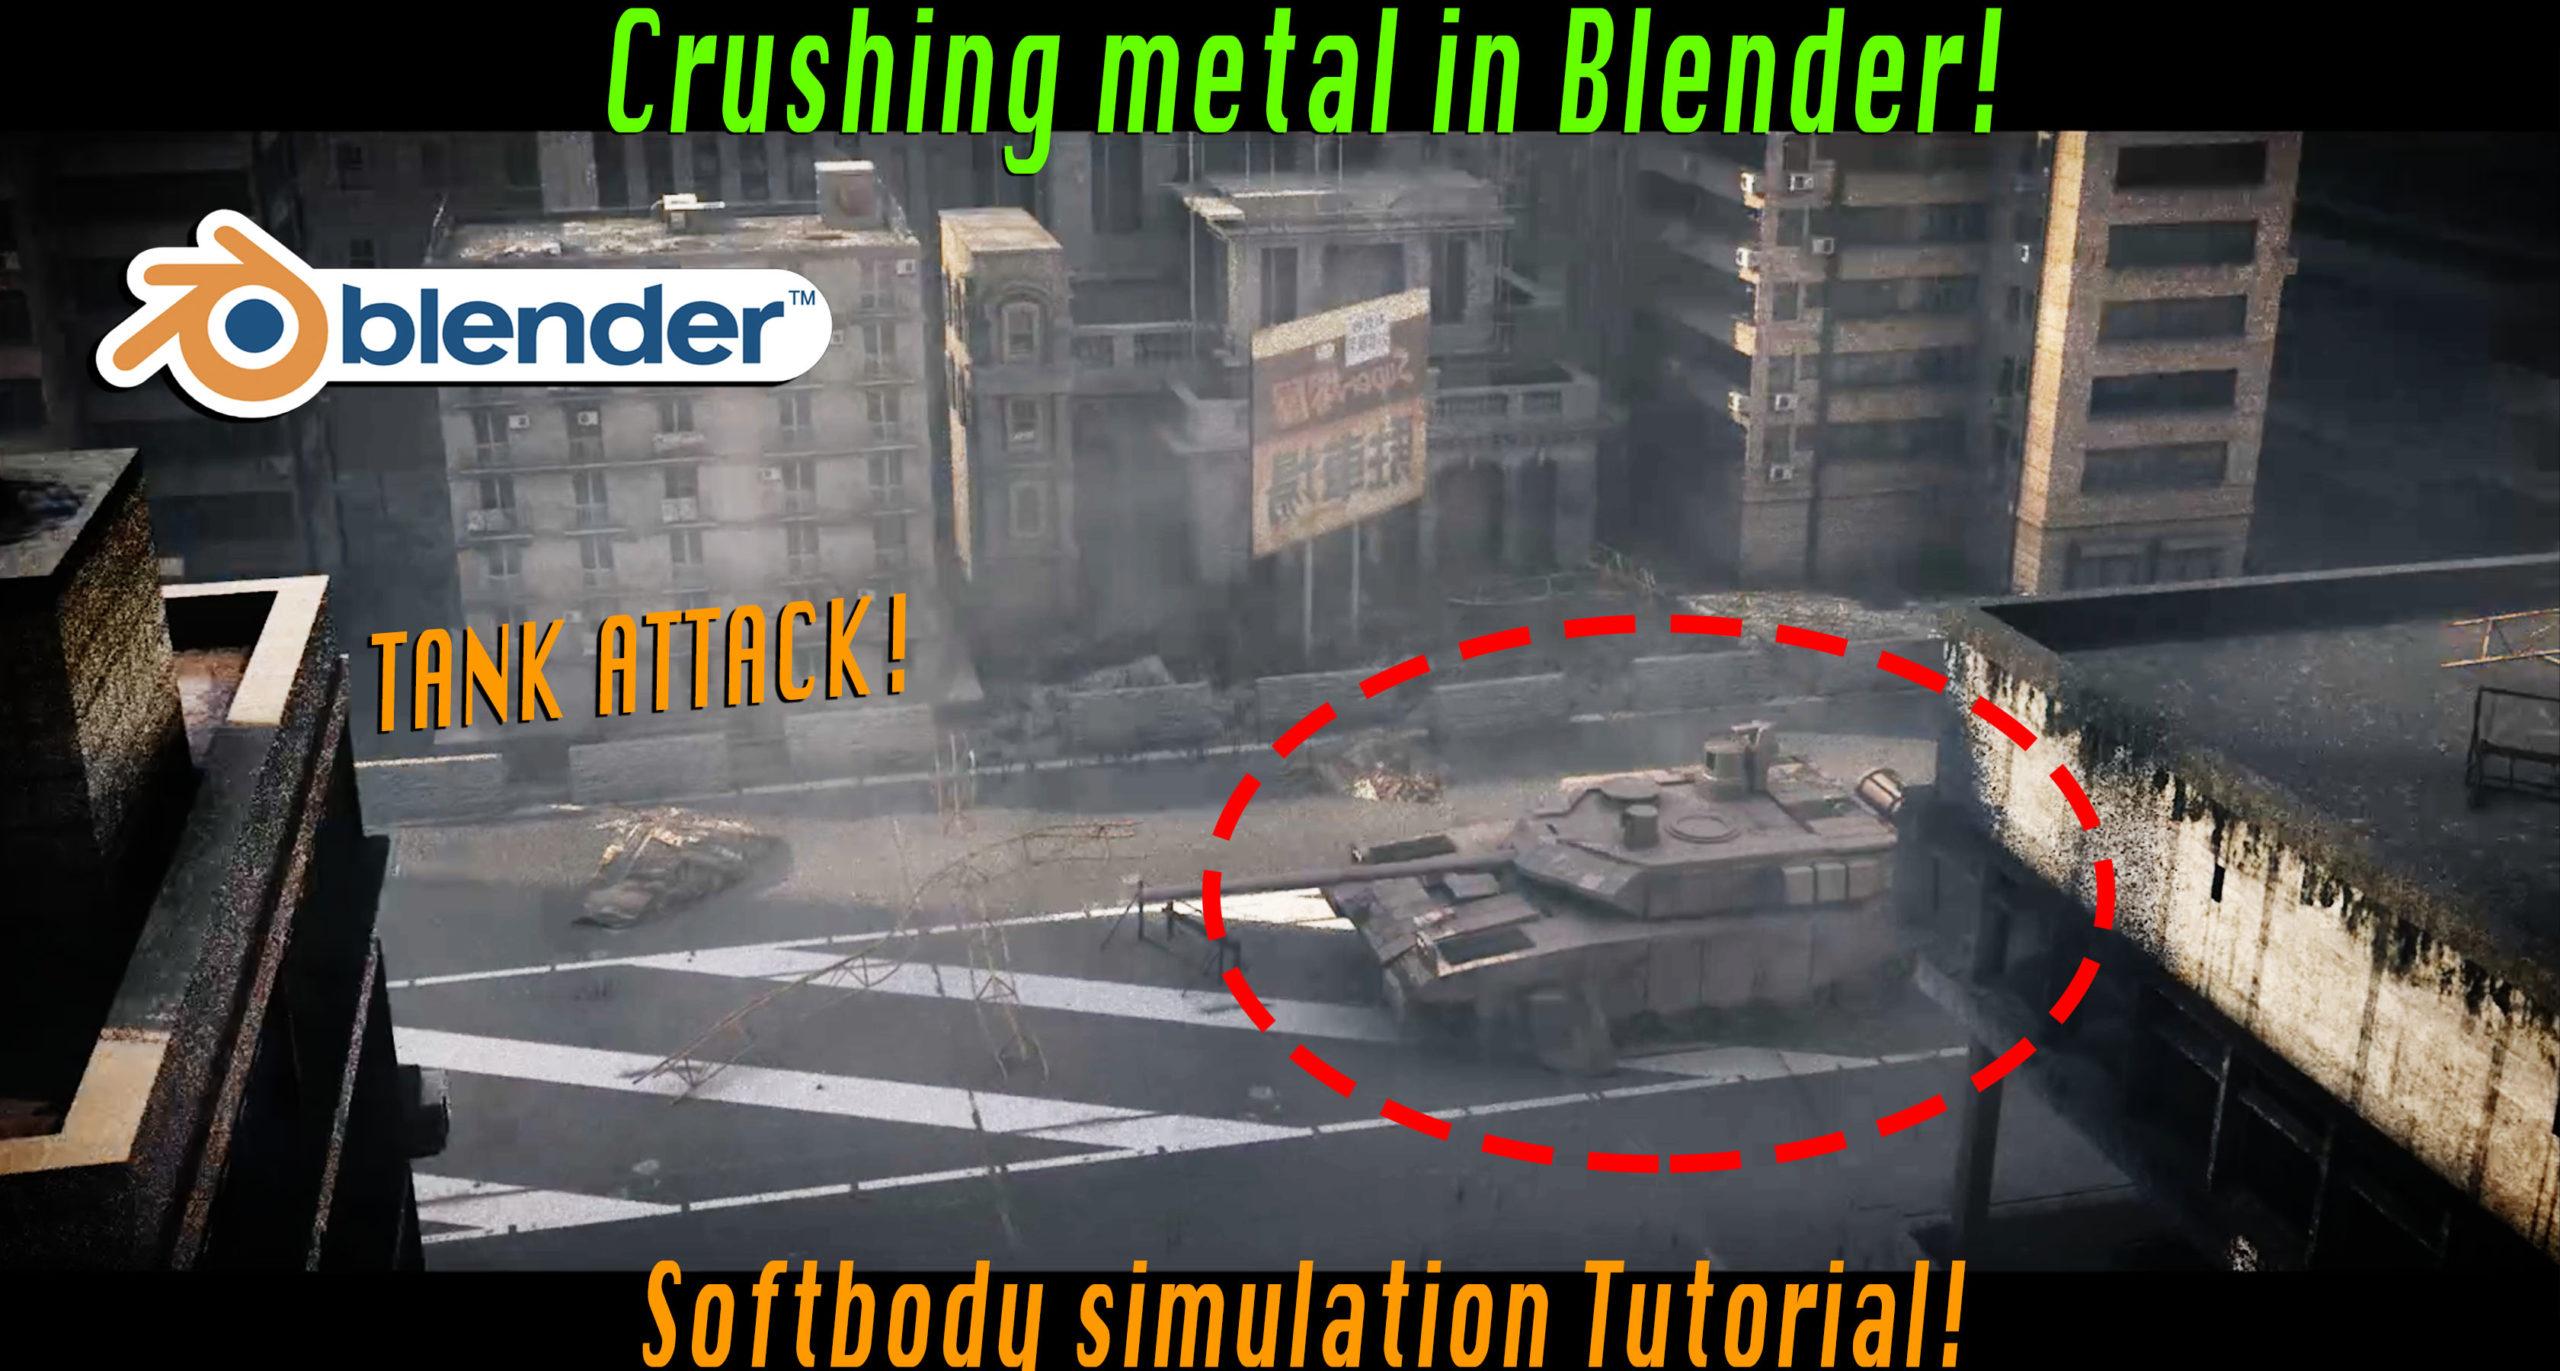 Crush metal in Blender 3d: Blender destruction tutorial! [$] - BlenderNation